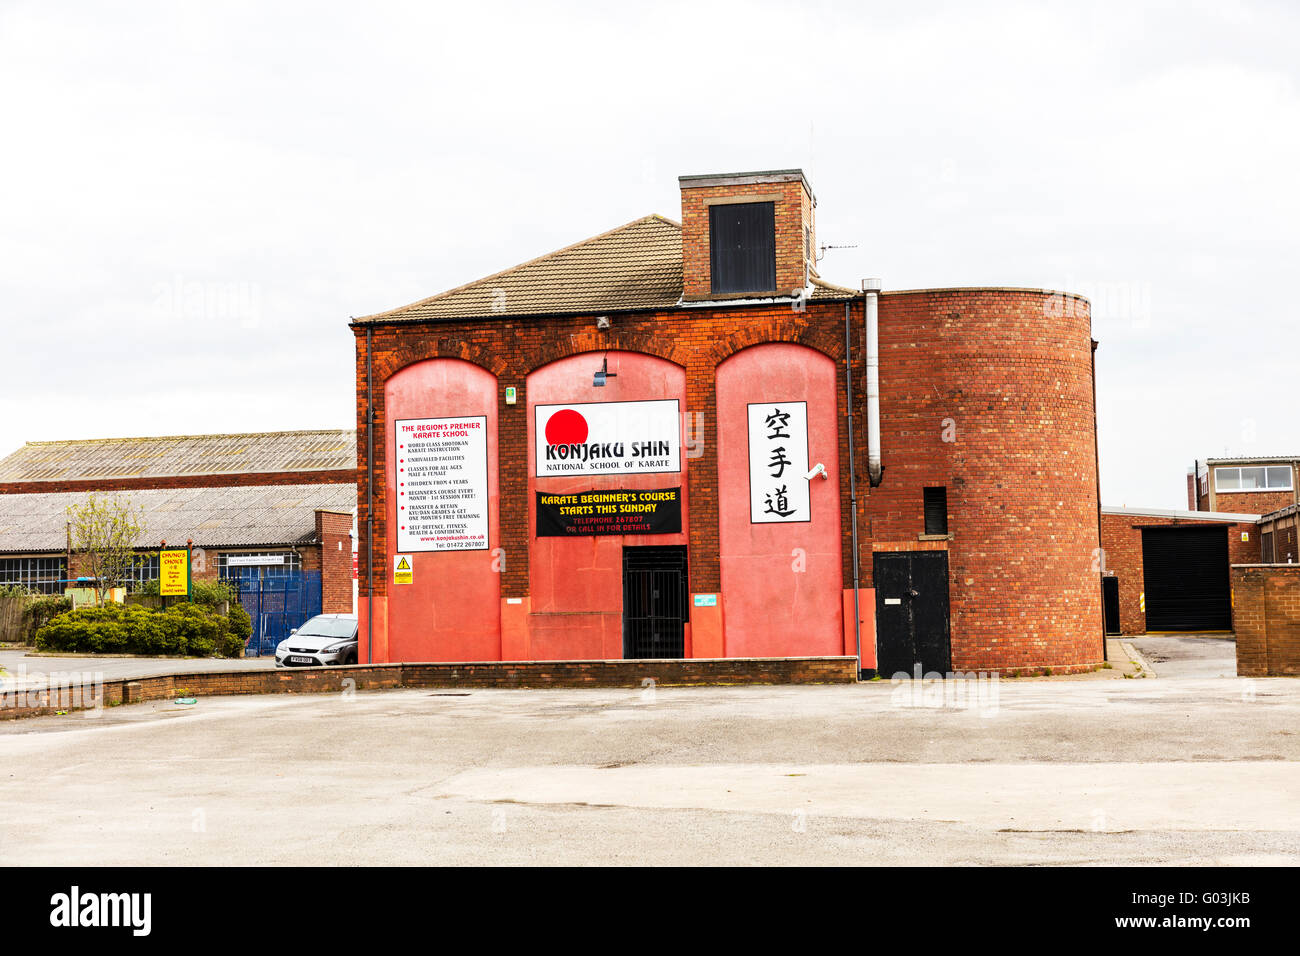 Karate school building signs shop sign name Konjaku Shin exterior